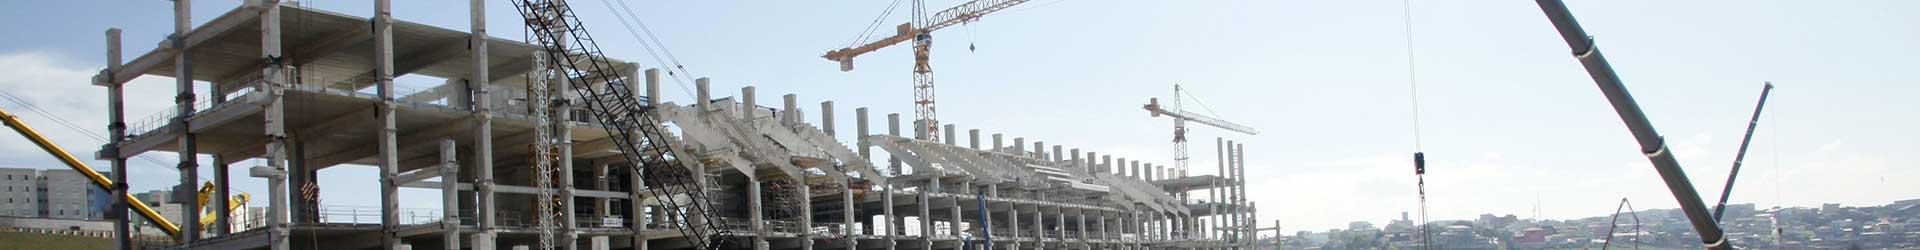 Systemen voor construction